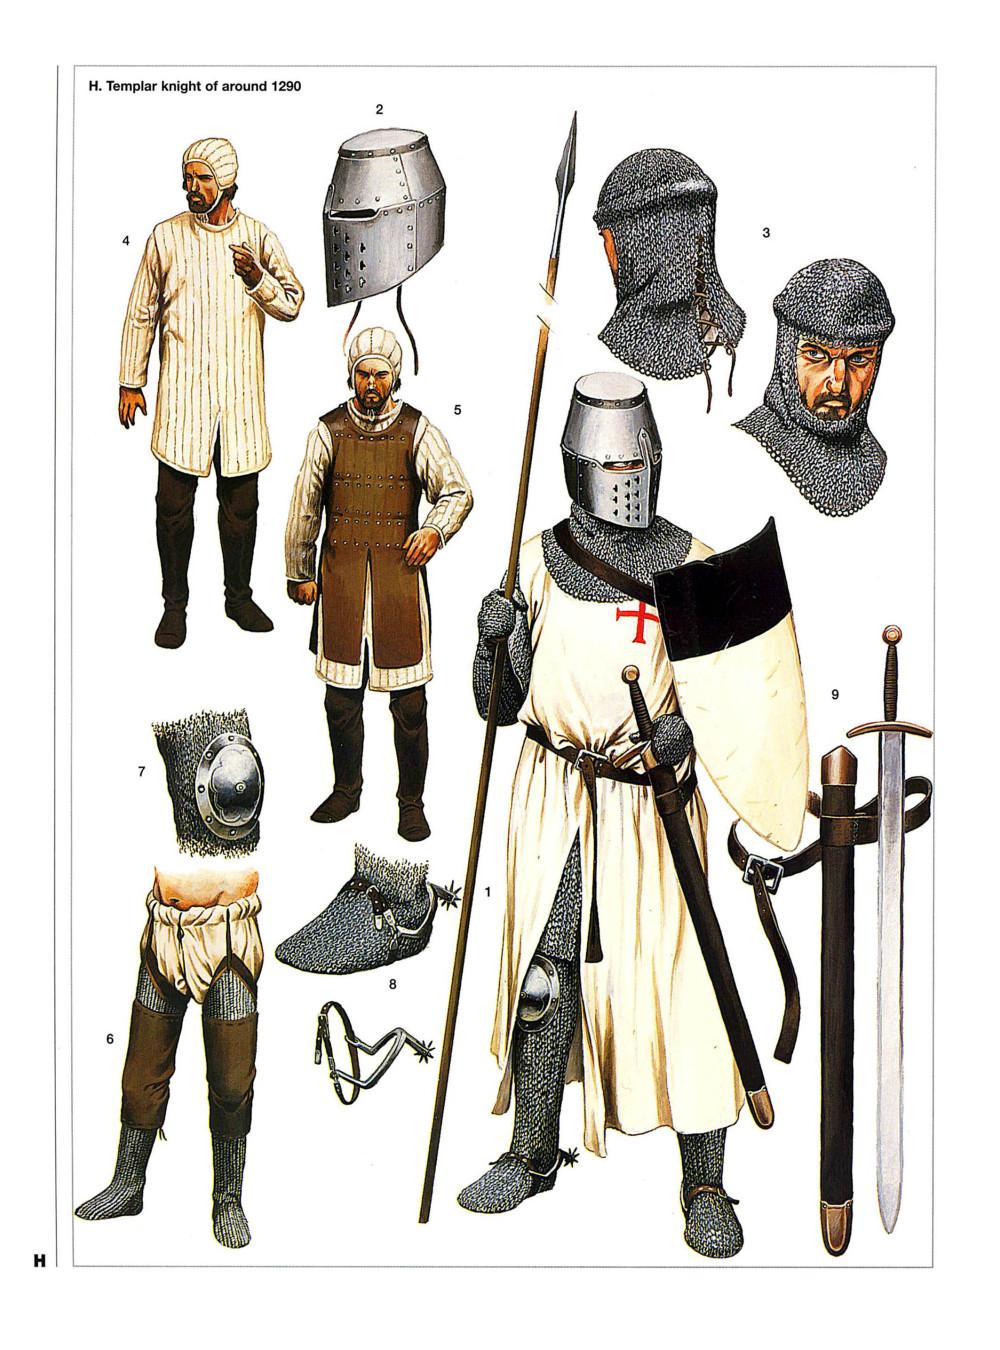 1290年的圣殿骑士,他已经采用了桶盔,这种头盔正是在海外发明的